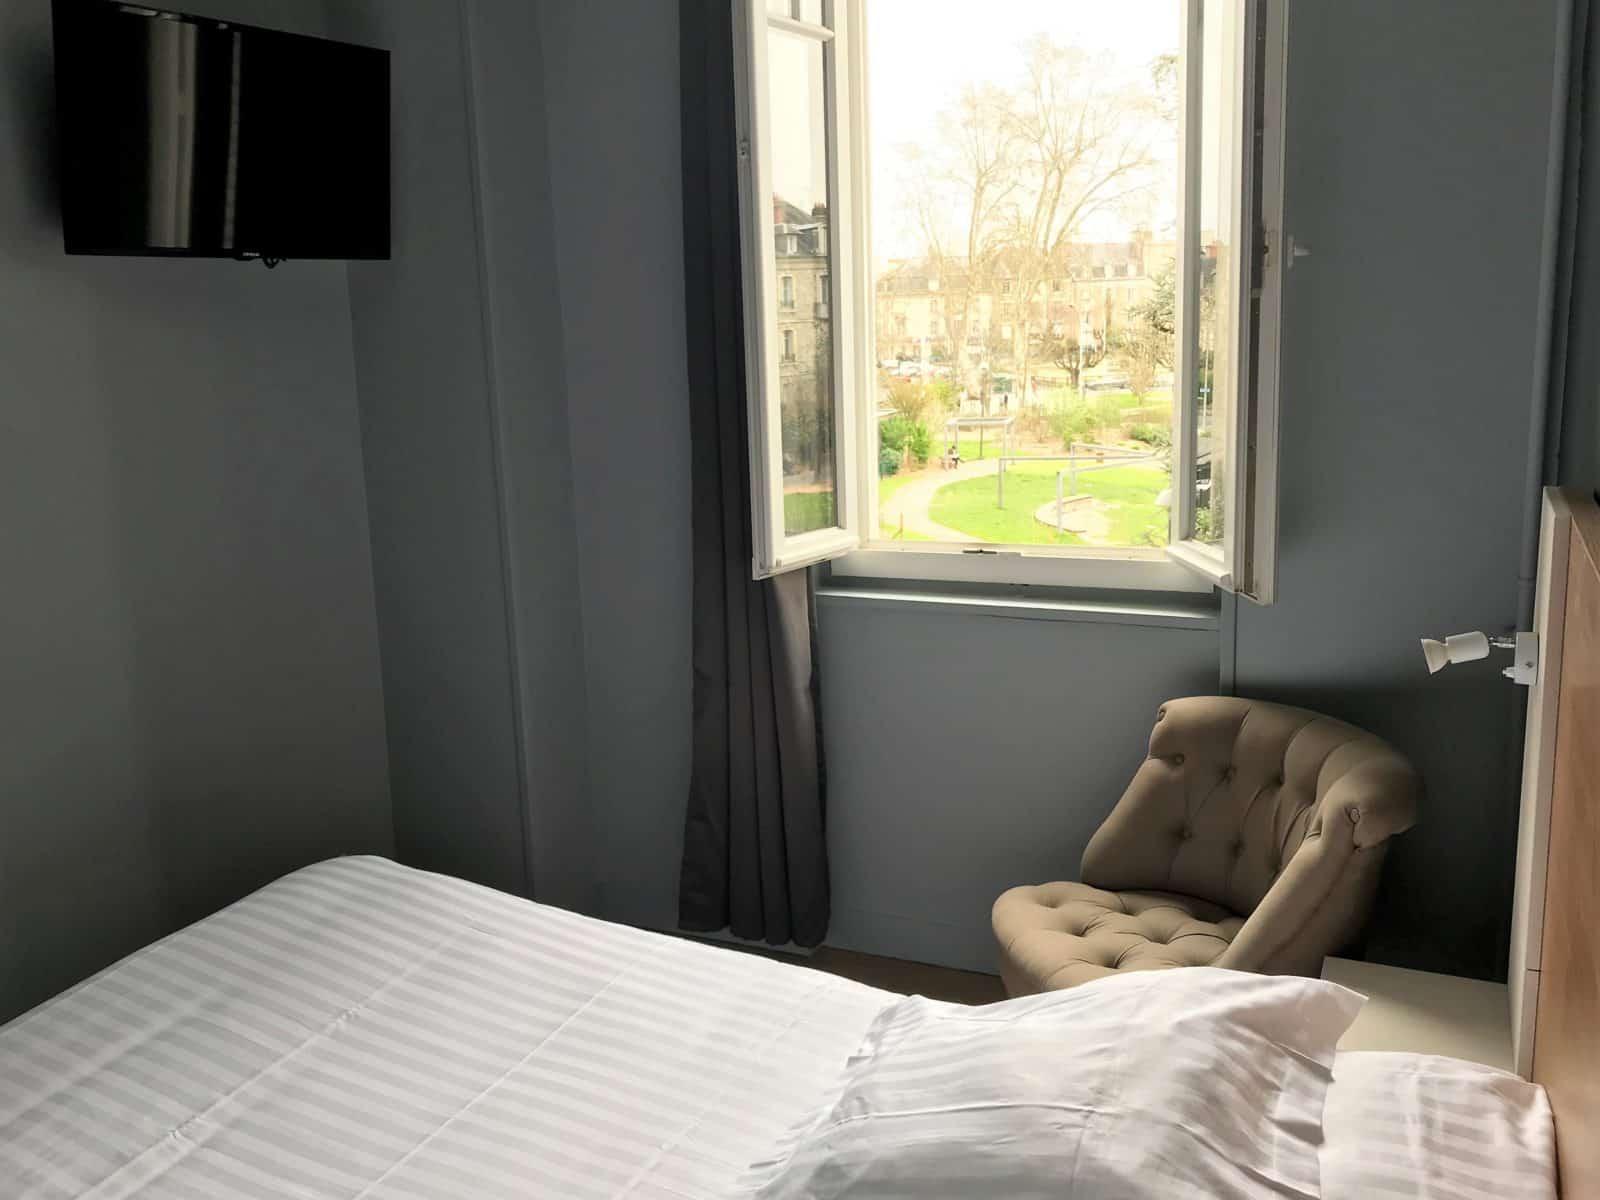 hotel-brive-chambre-double252